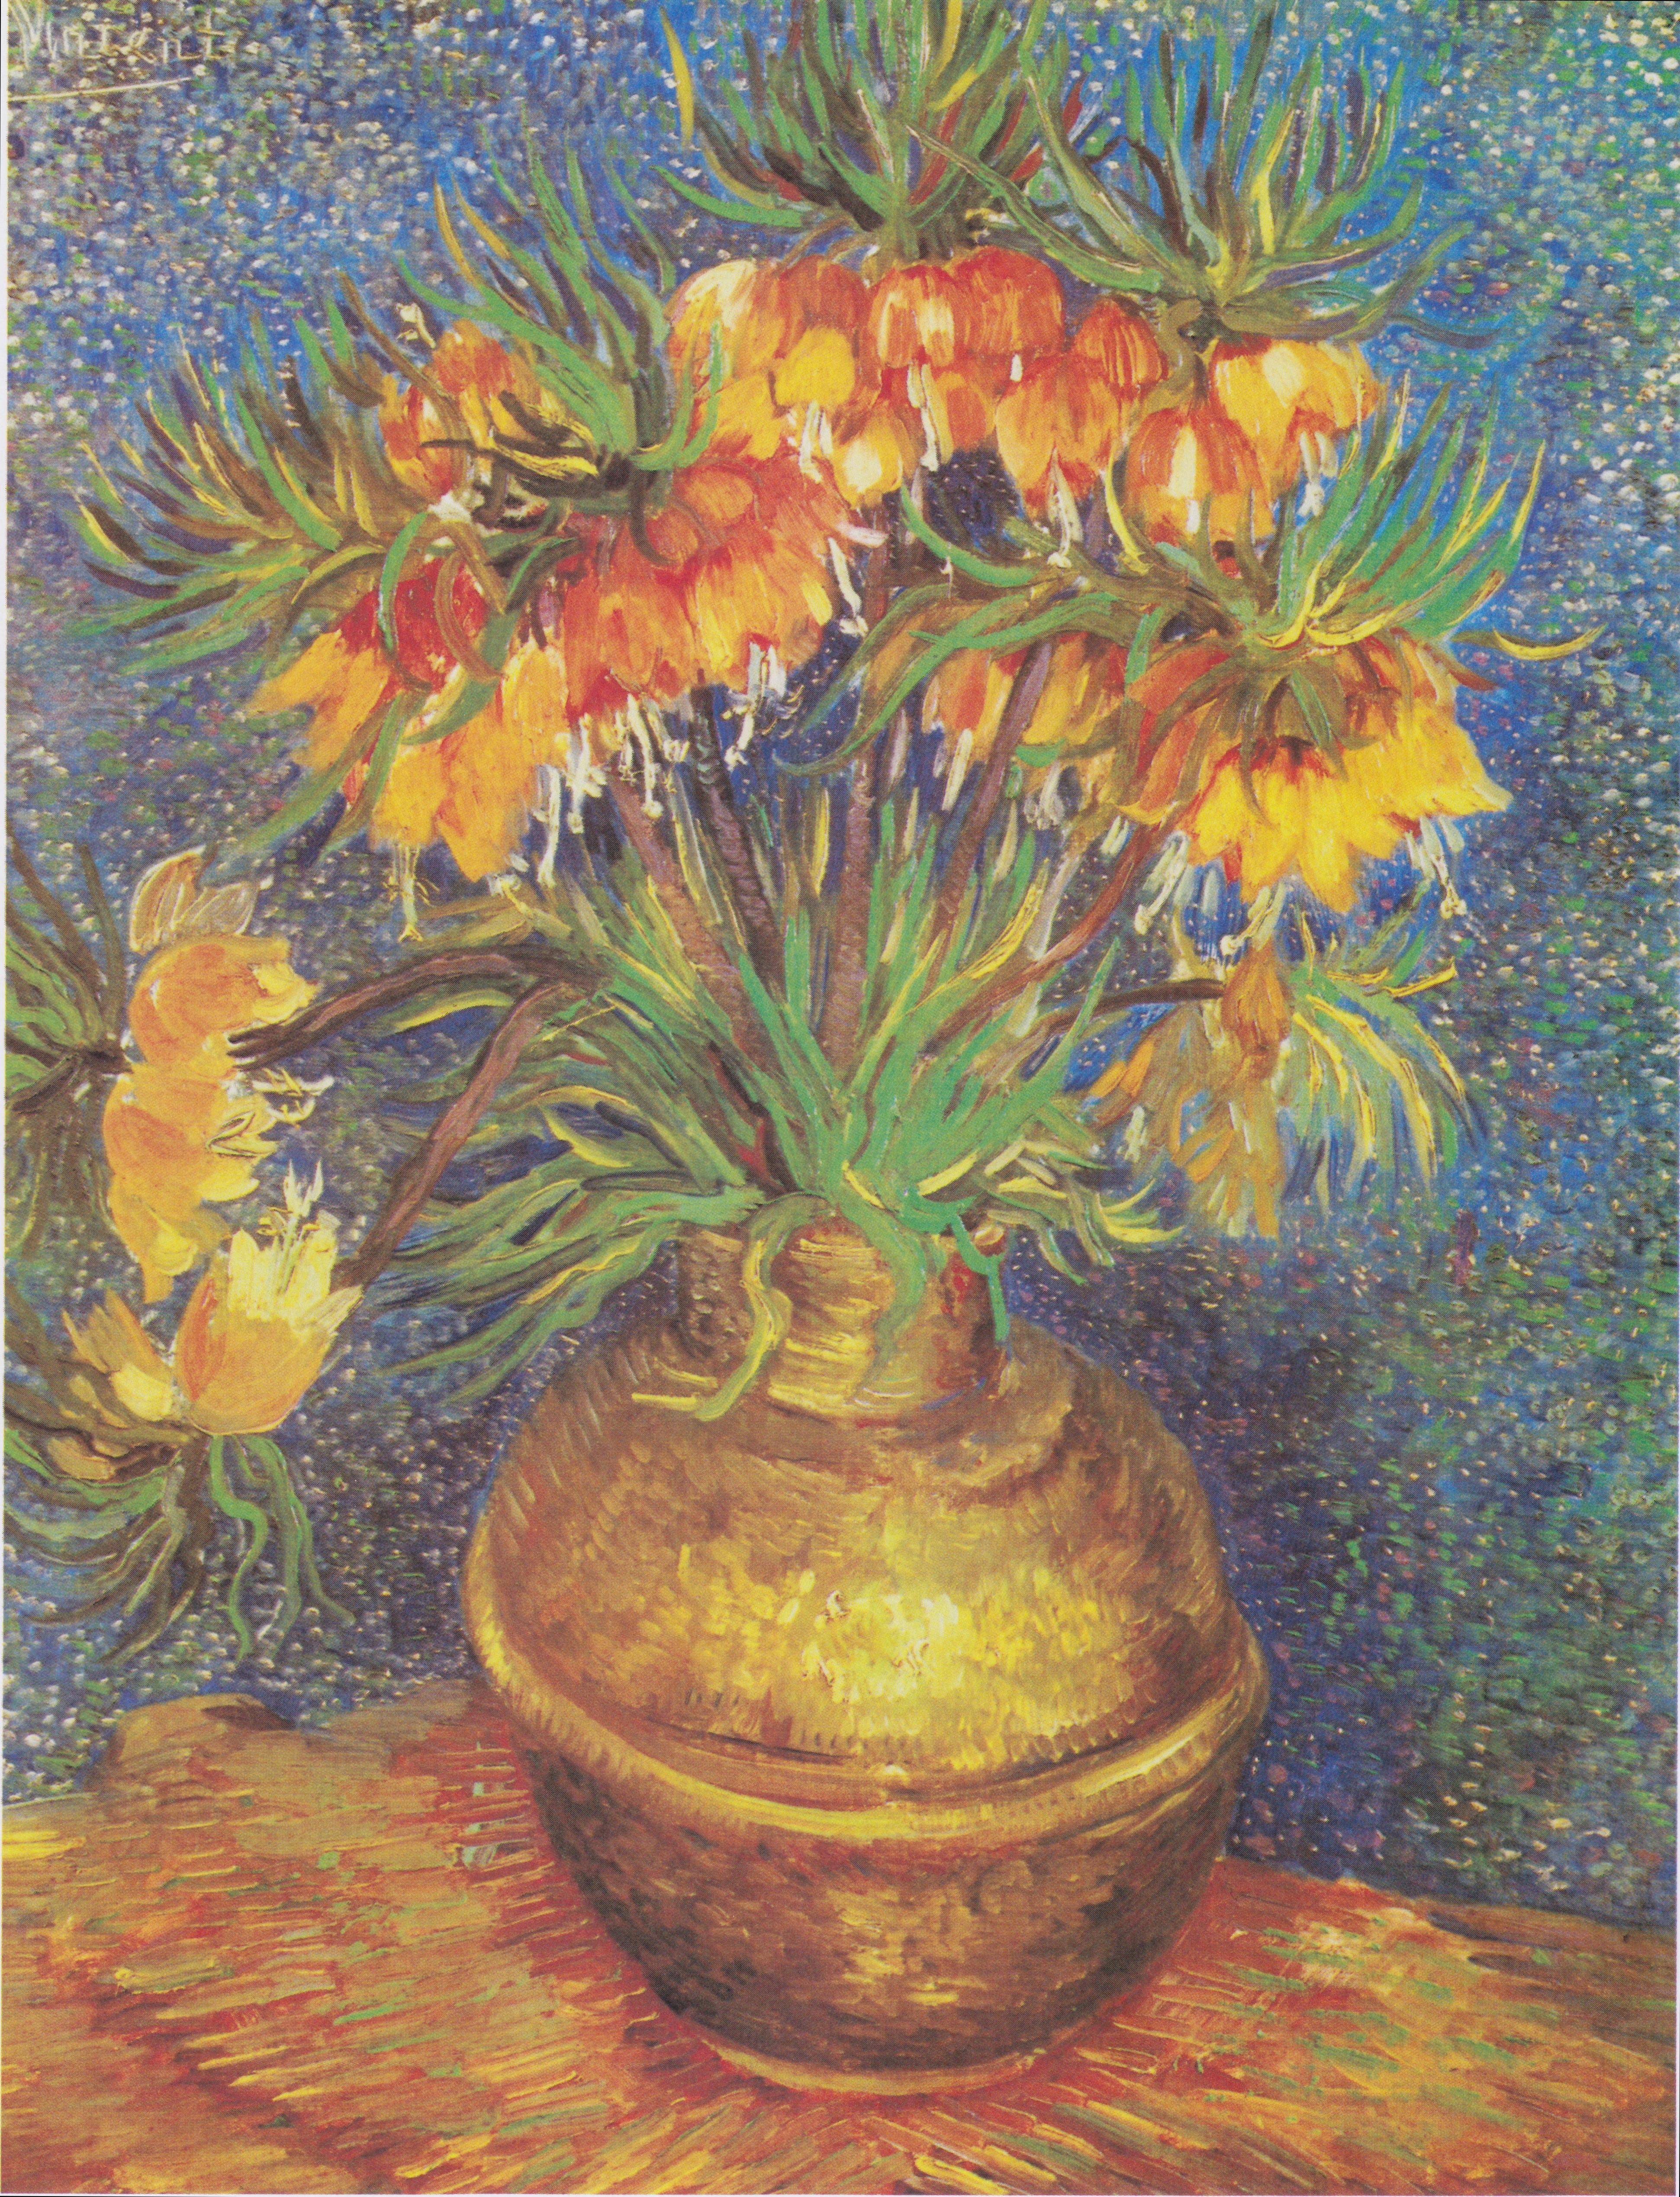 van gogh poppies vase of van goph paintings pertaining to d79879732b0bafdaa362a84d13845abb